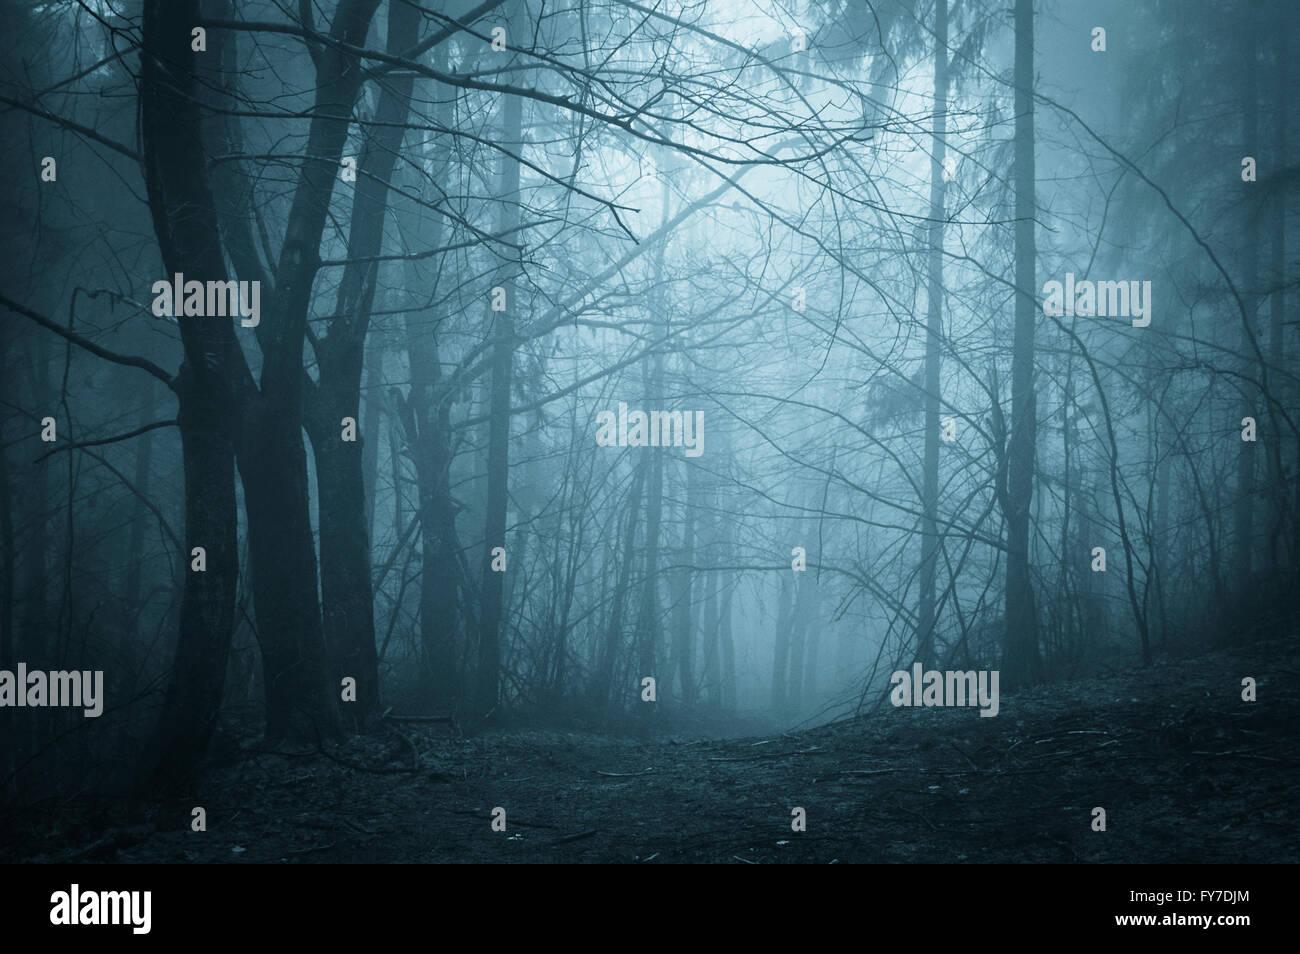 Dunklen Wald im Nebel bei Nacht Stockfoto, Bild: 102811932 ...